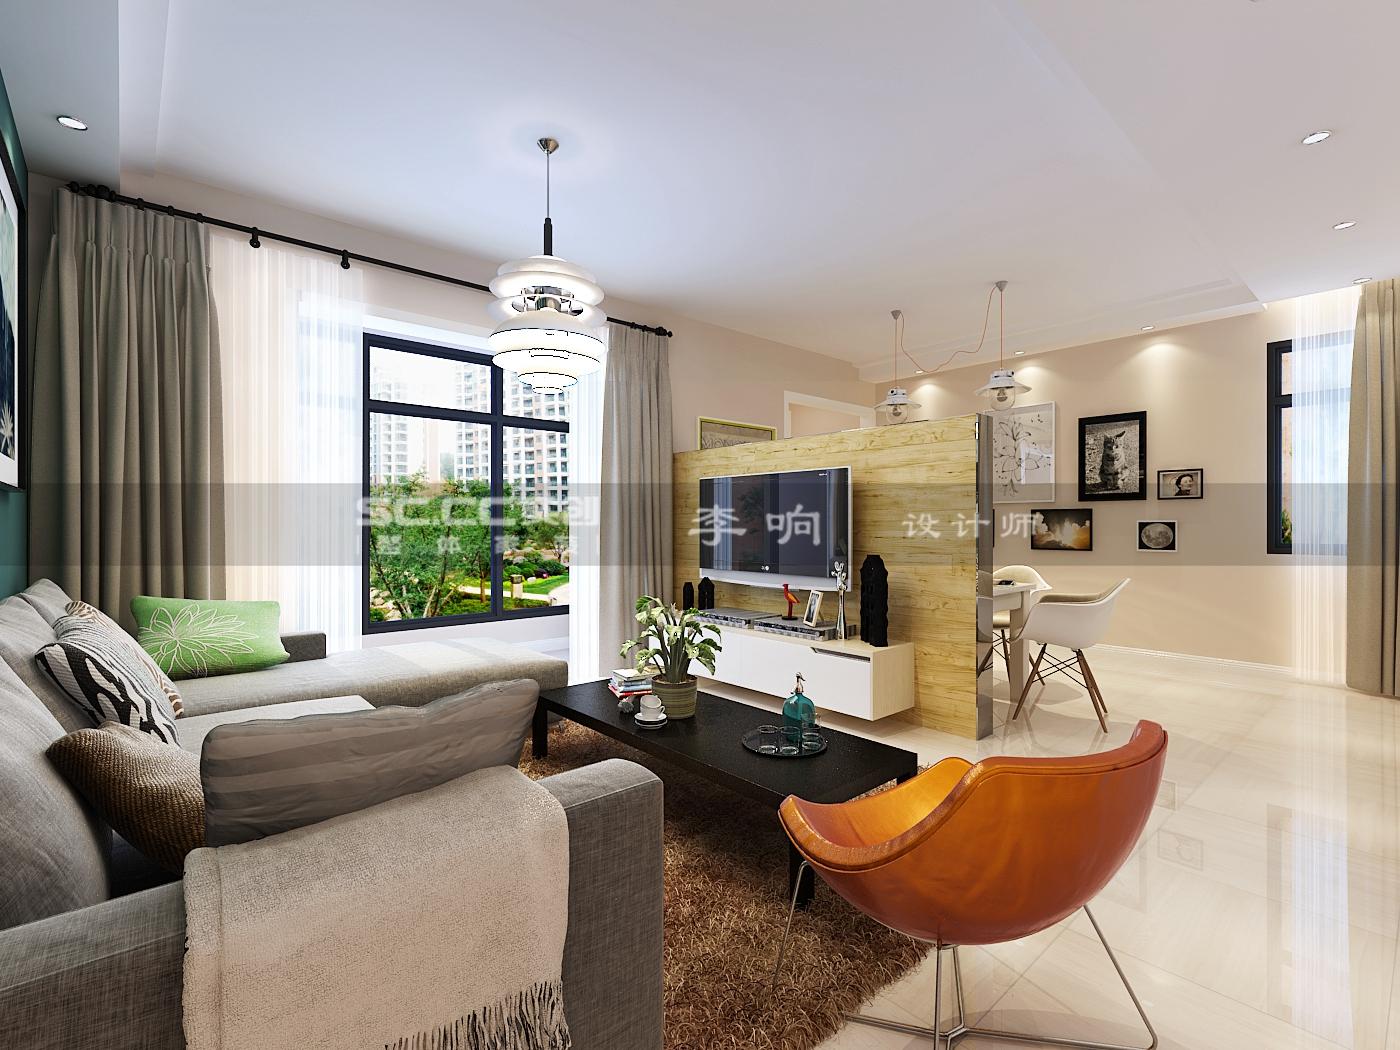 鼎世华府 130平房子 青岛实创 简欧设计 客厅图片来自实创装饰集团青岛公司在鼎世华府130平装修的分享